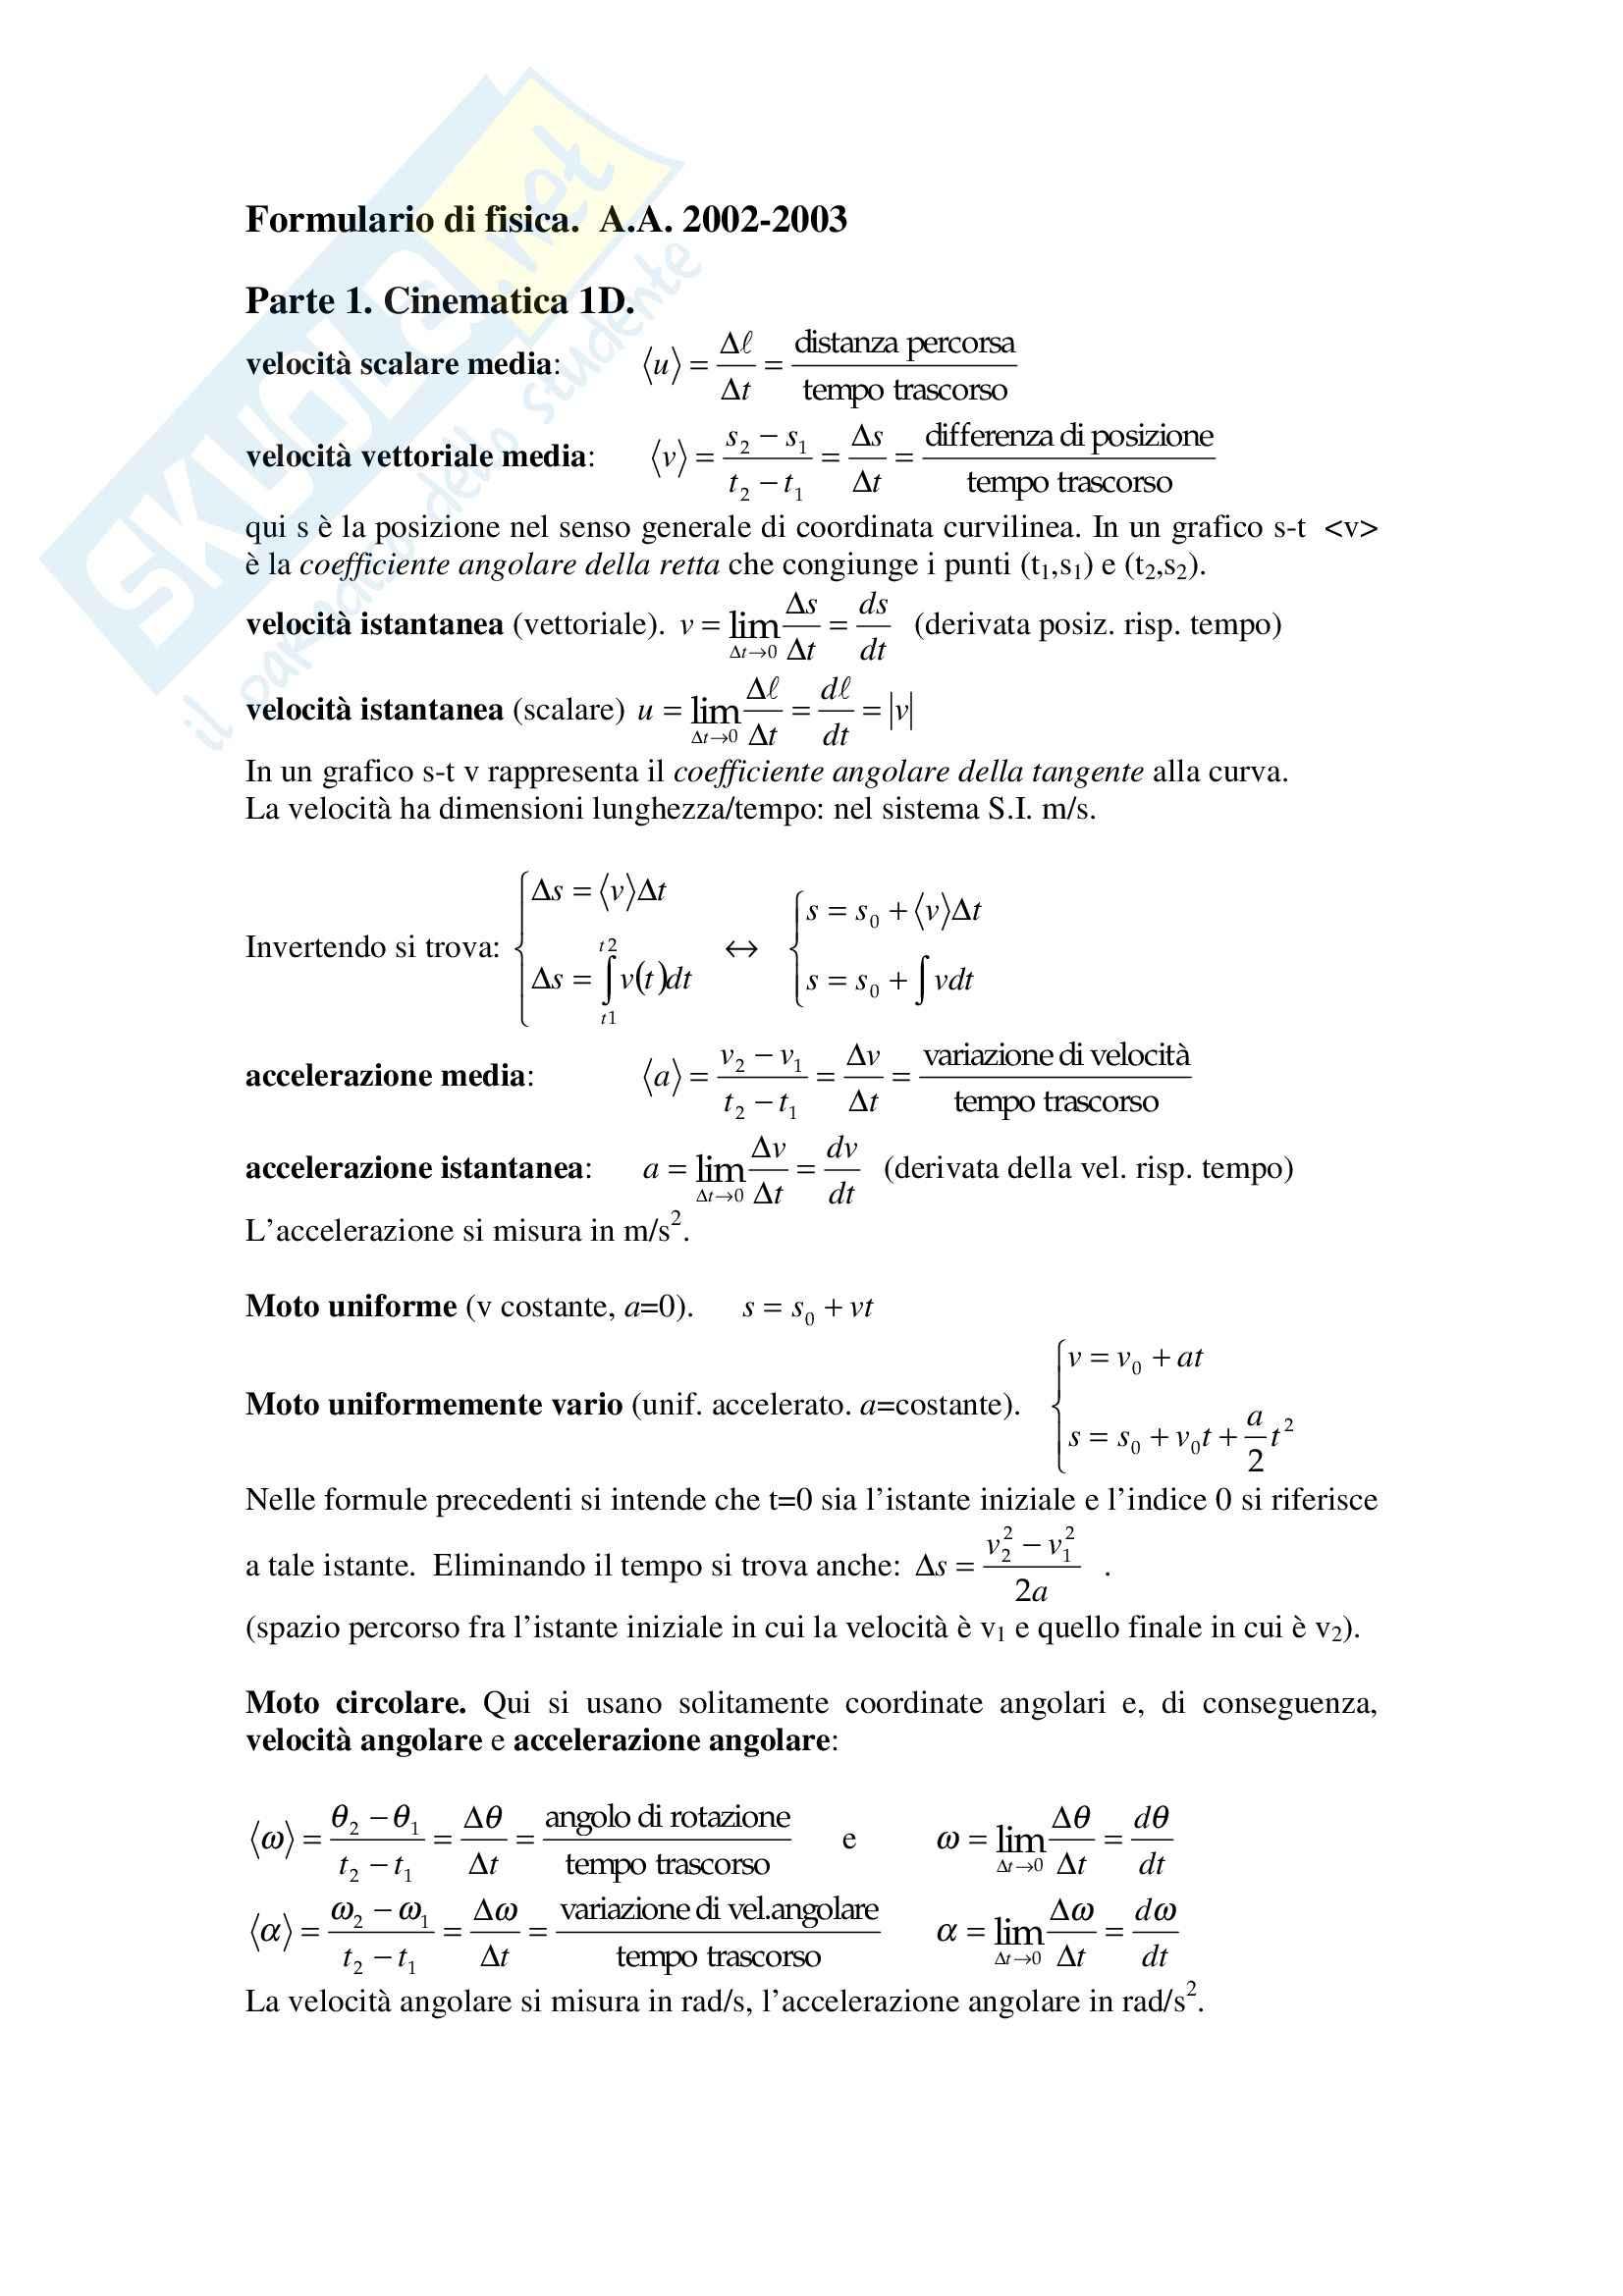 Fisica statistica ed informatica – Formulario